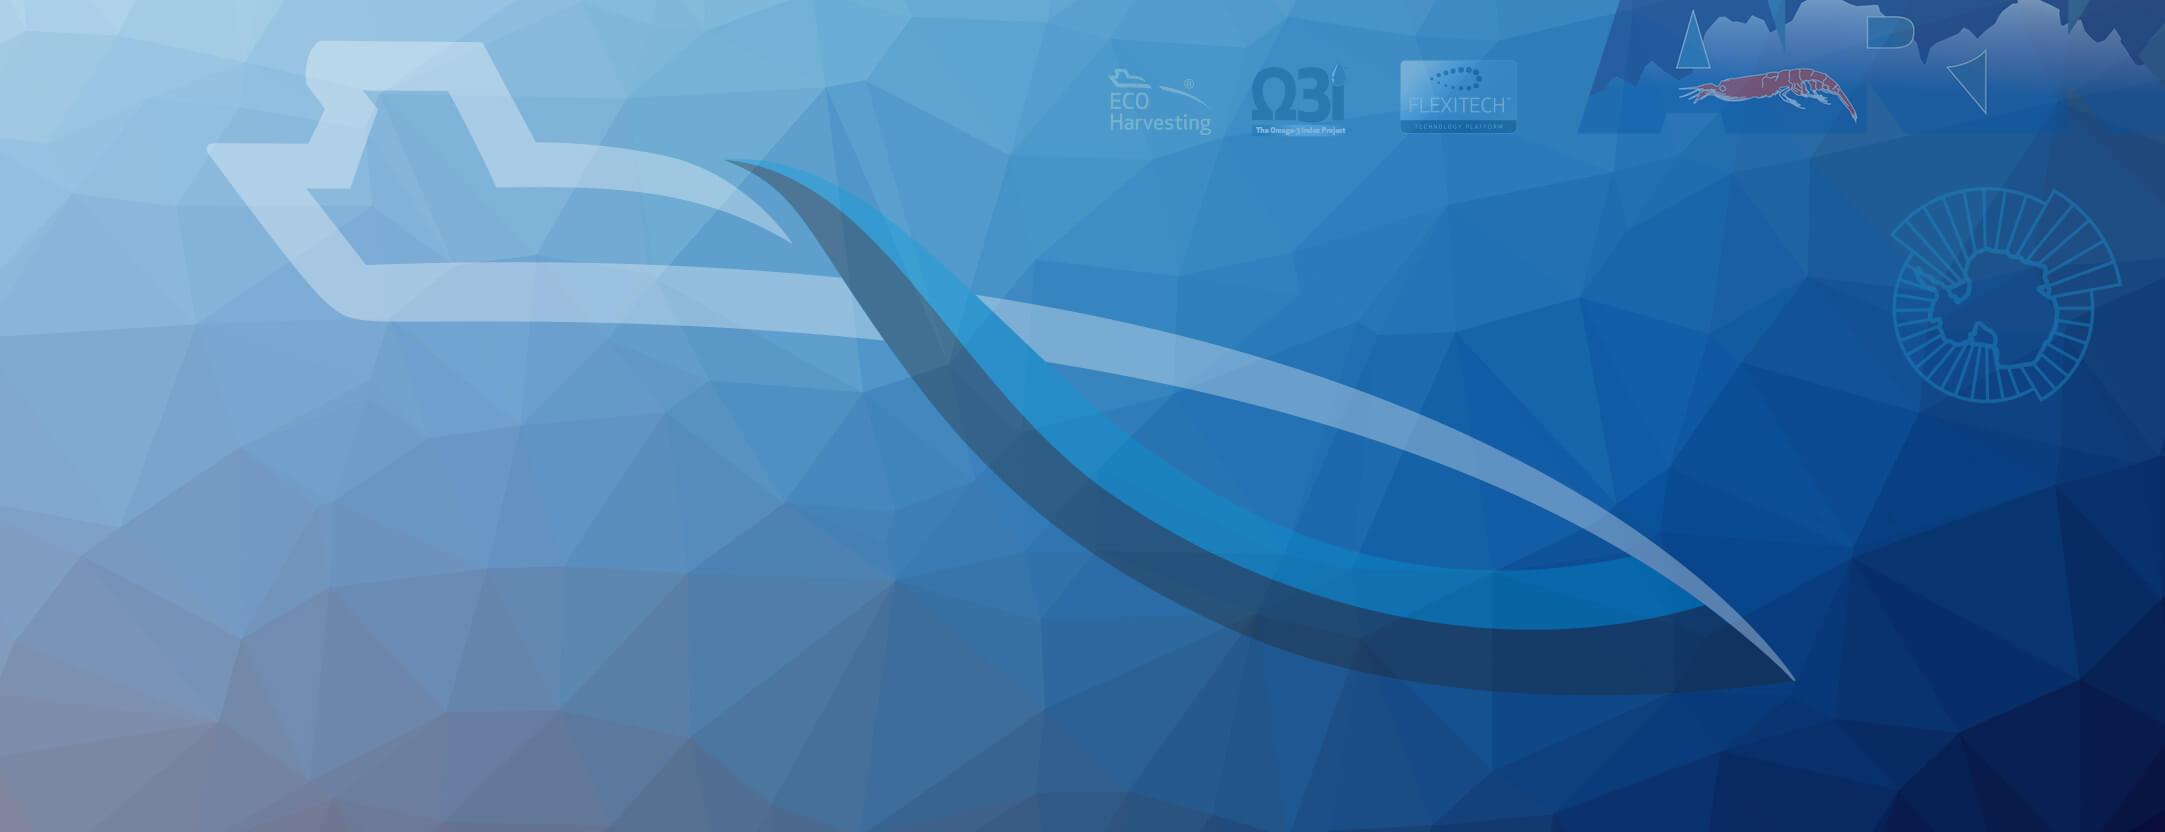 AKBM-innovation-logos-bs.jpg